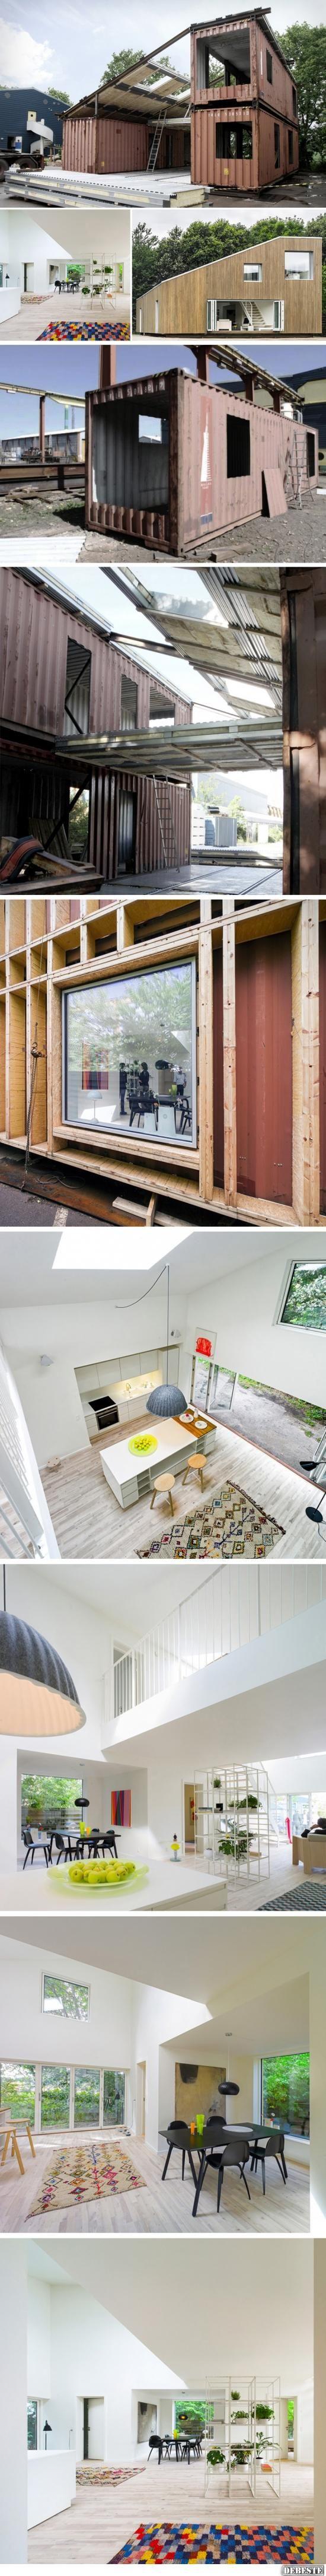 Modernen Container Haus | DEBESTE.de, Lustige Bilder, Sprüche, Witze ...